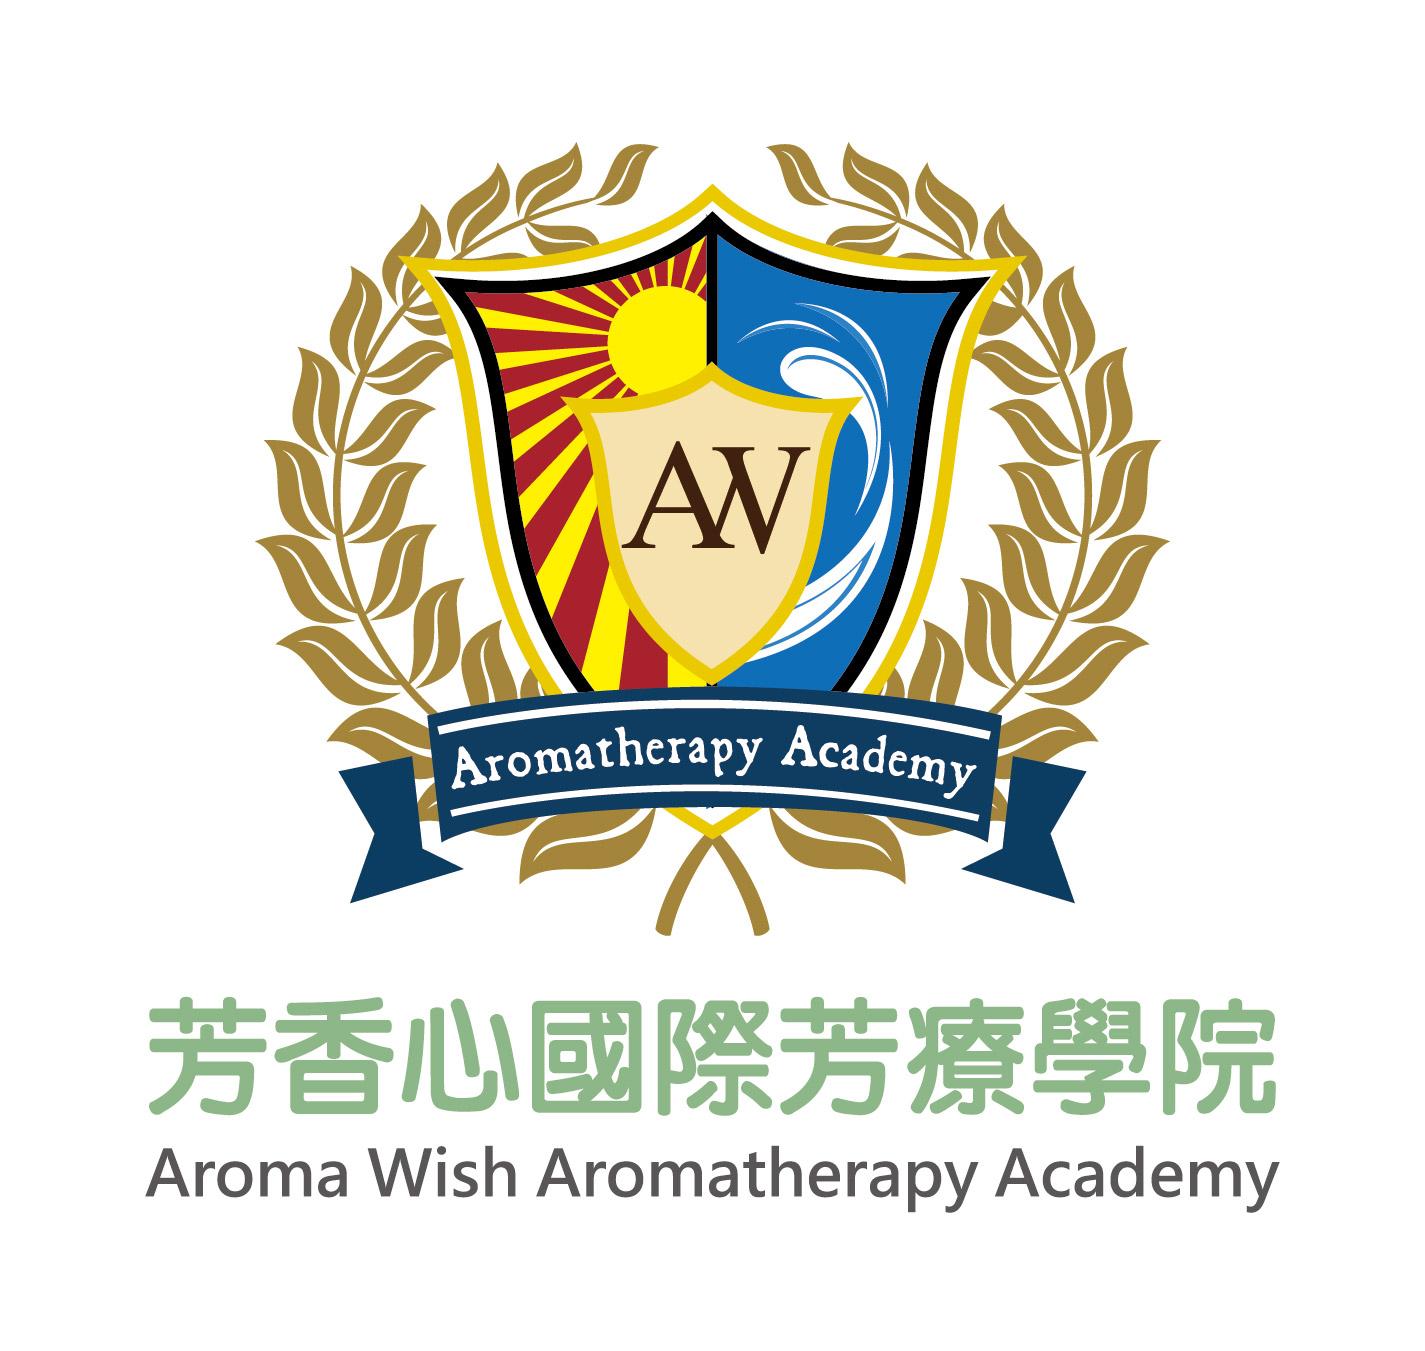 Aroma Wish Aromatherapy Academy